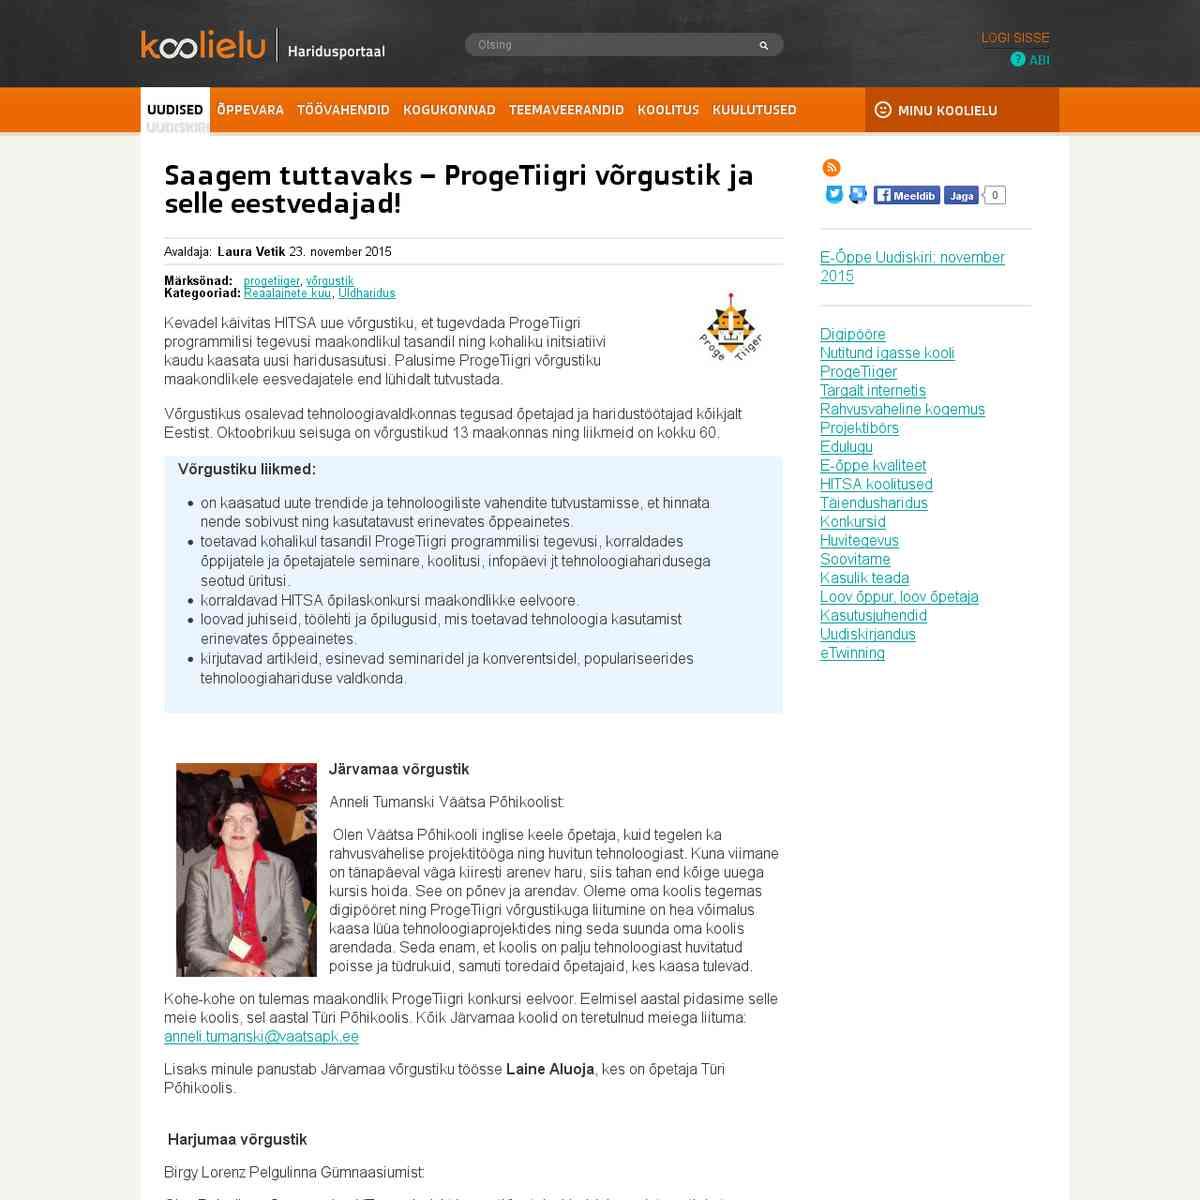 Saagem tuttavaks – ProgeTiigri võrgustik ja selle eestvedajad! : Koolielu